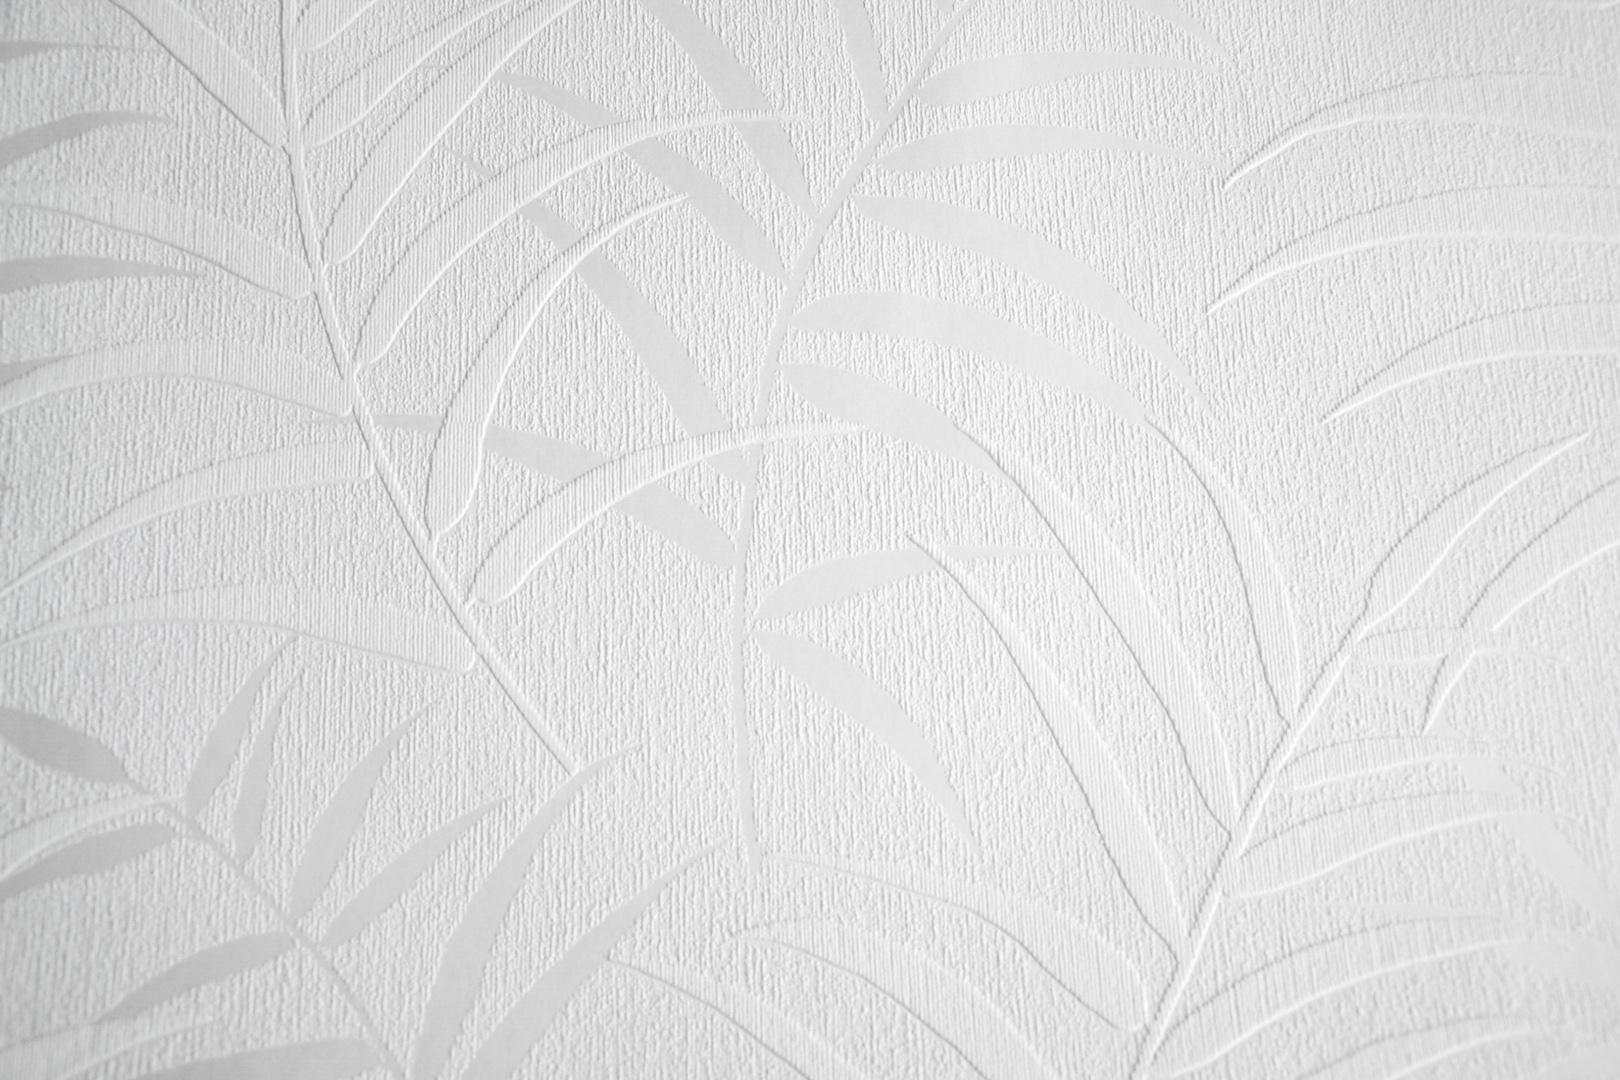 hvid tapet Tapet Rasch 547603 | Tapet og Kunst hvid tapet